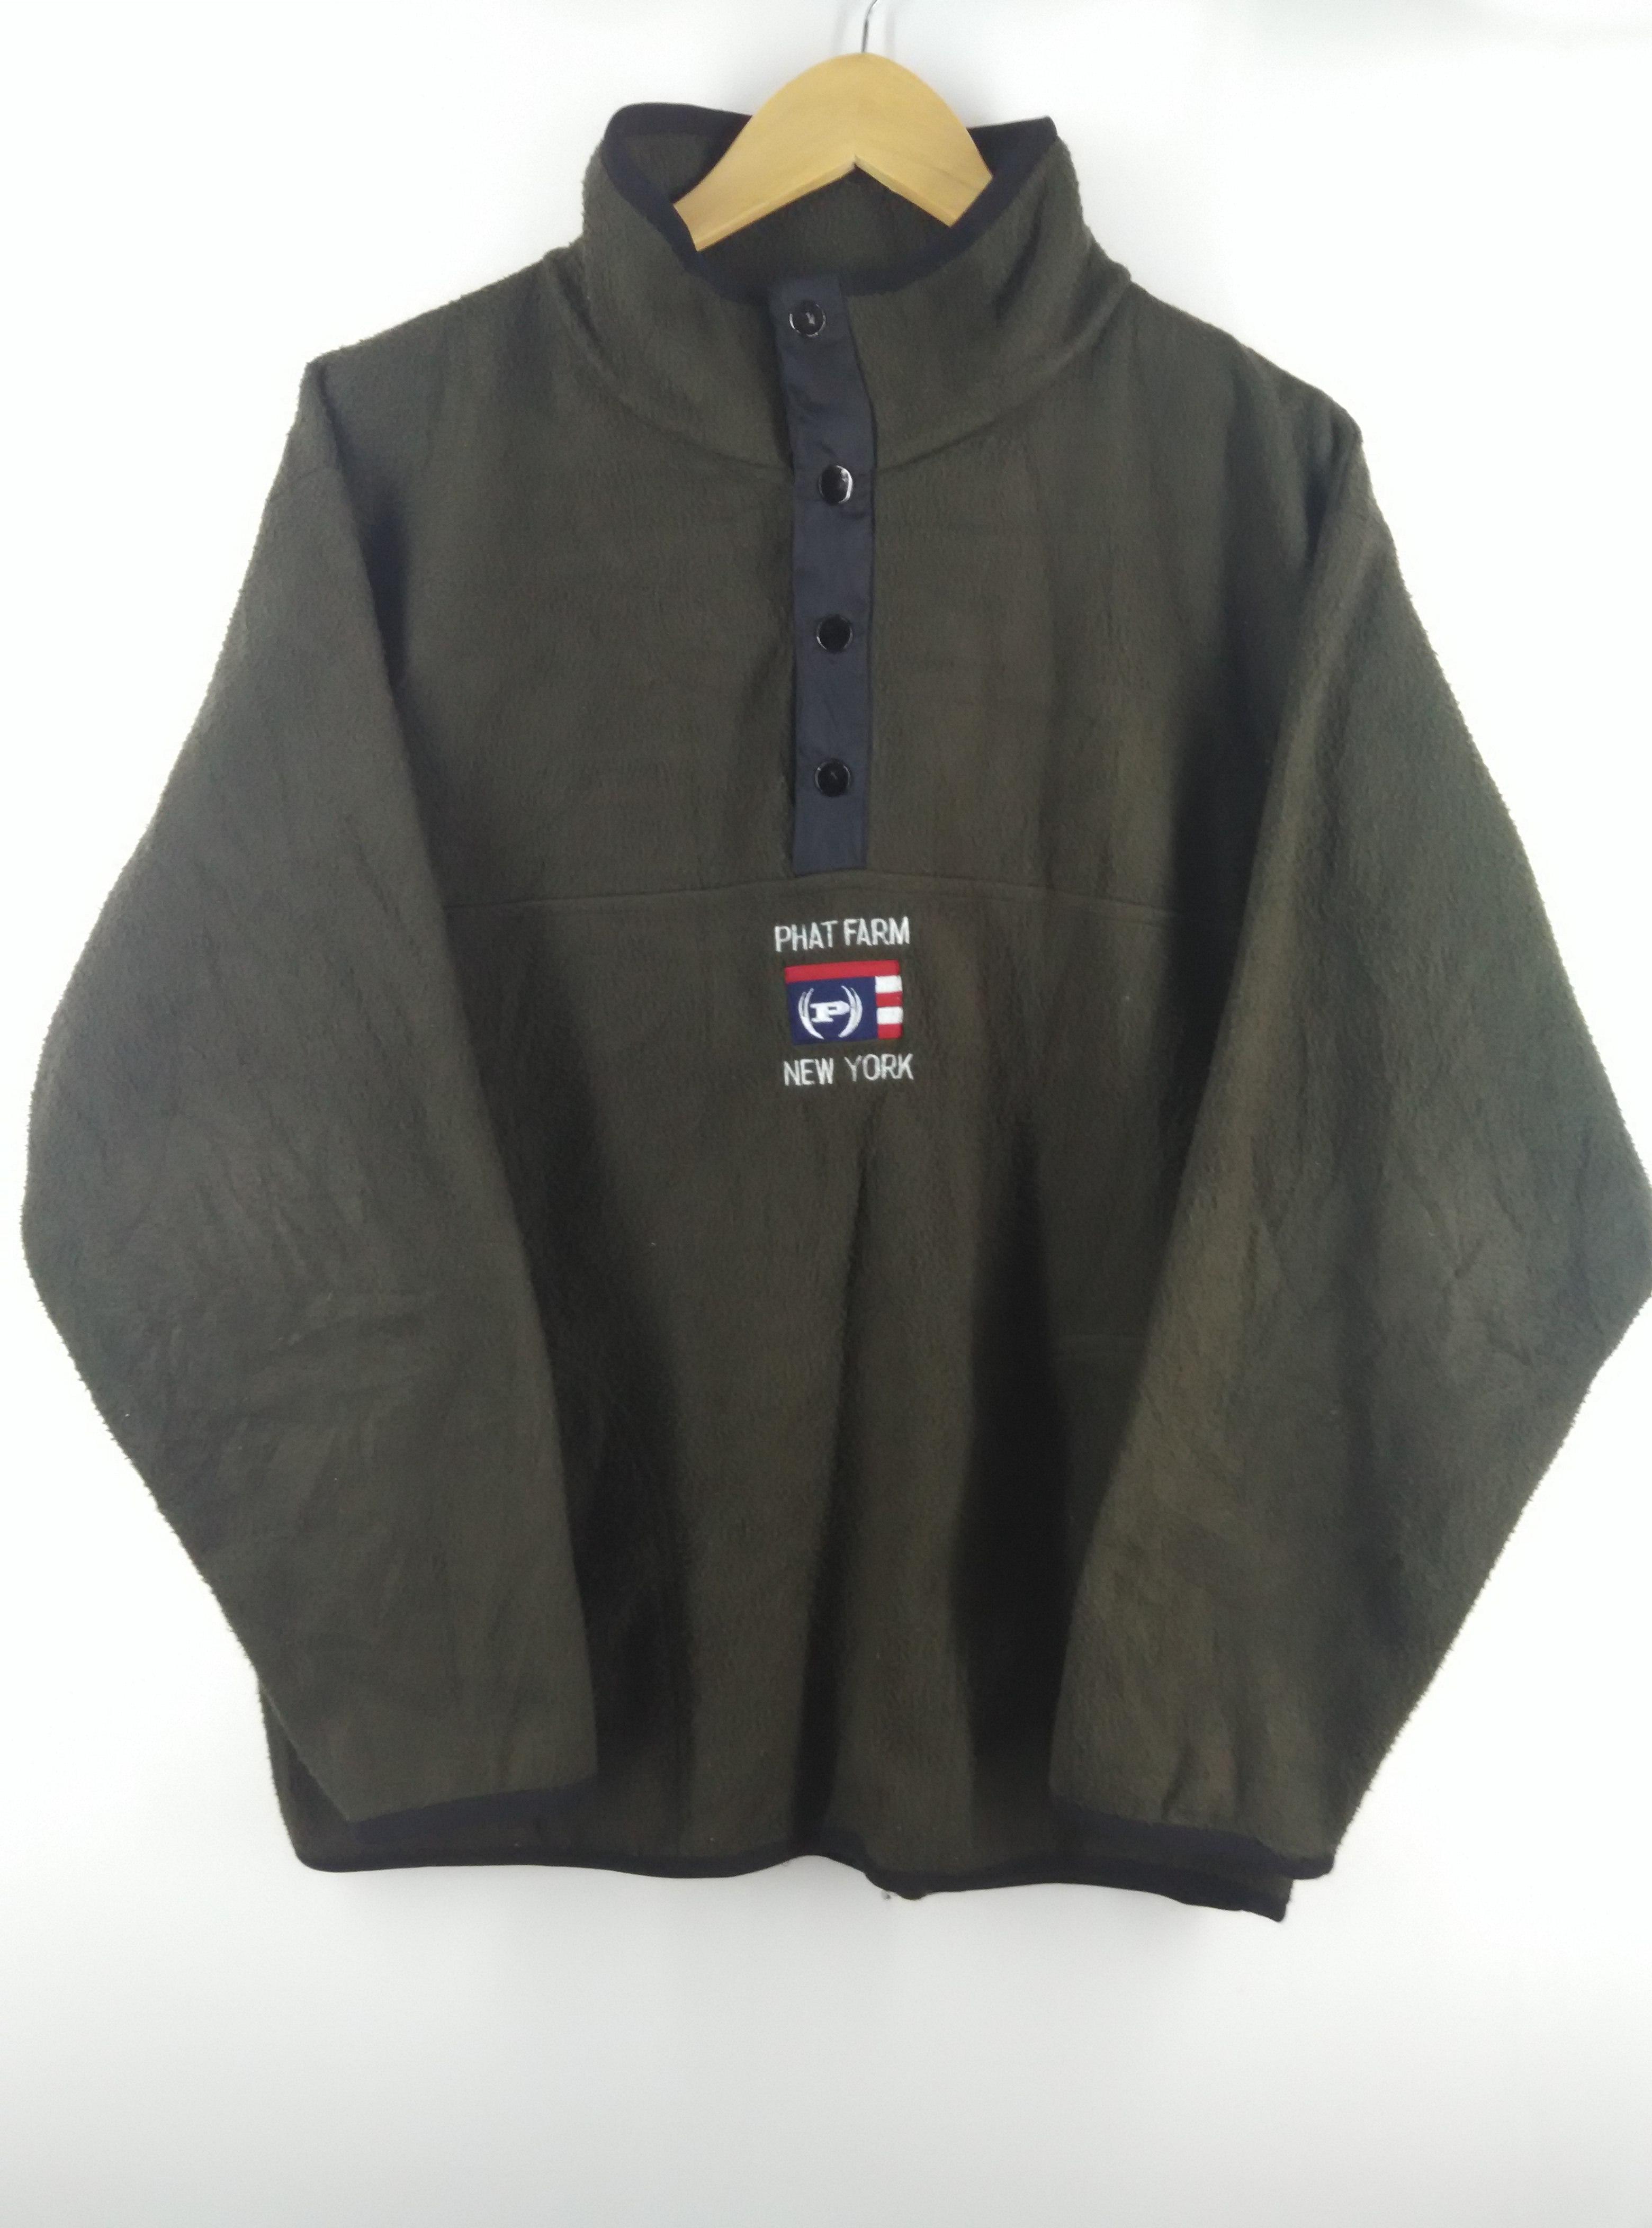 Phat Farm Vintage Phat Farm Sweatshirt Grailed